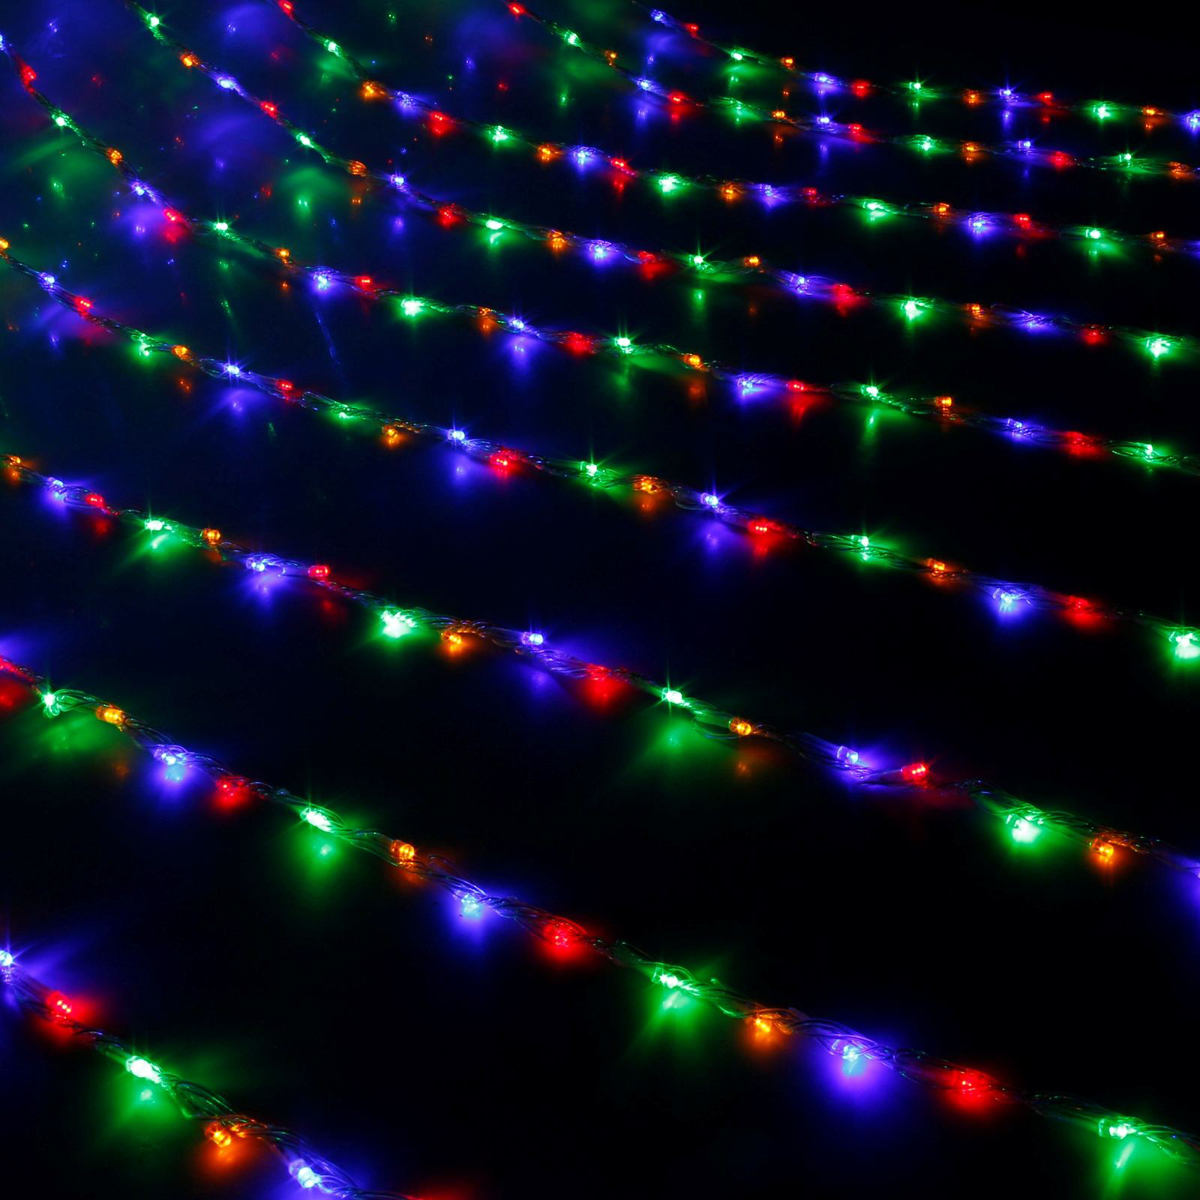 Гирлянда светодиодная Luazon Дождь, цвет: мультиколор, 800 ламп, 8 режимов, 220 V, 2 х 3 м. 671641671641Светодиодные гирлянды и ленты — это отличный вариант для новогоднего оформления интерьера или фасада. С их помощью помещение любого размера можно превратить в праздничный зал, а внешние элементы зданий, украшенные ими, мгновенно станут напоминать очертания сказочного дворца. Такие украшения создают ауру предвкушения чуда. Деревья, фасады, витрины, окна и арки будто специально созданы, чтобы вы украсили их светящимися нитями.